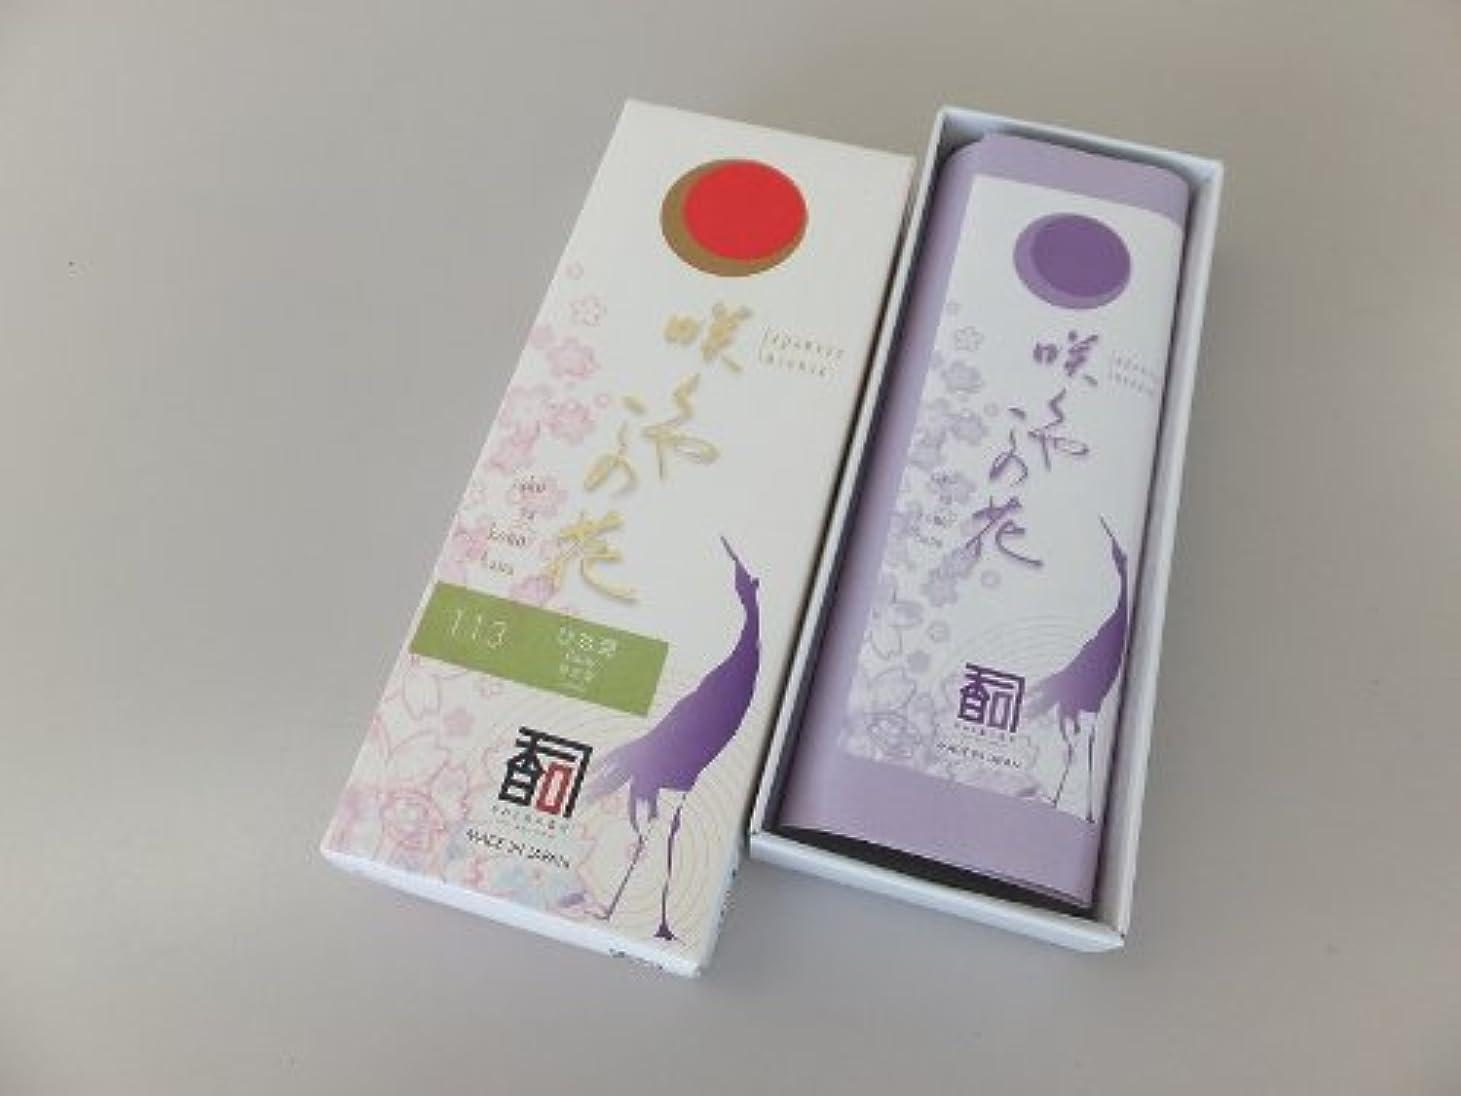 子羊くぼみ出版「あわじ島の香司」 日本の香りシリーズ  [咲くや この花] 【113】 ひな菊 (有煙)